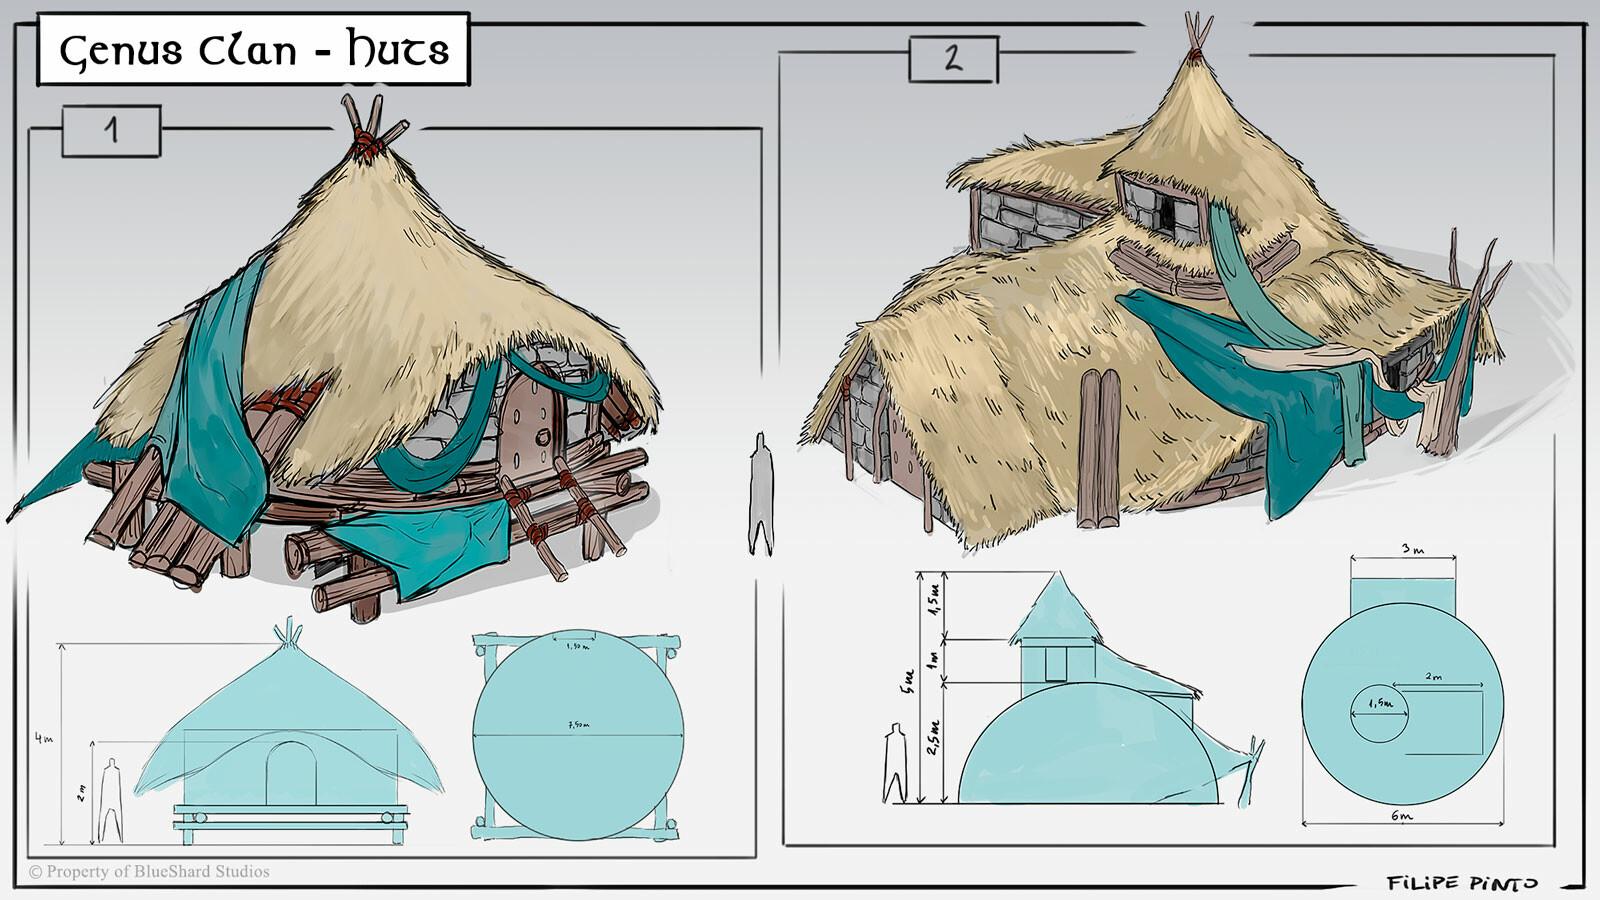 Genus' Huts